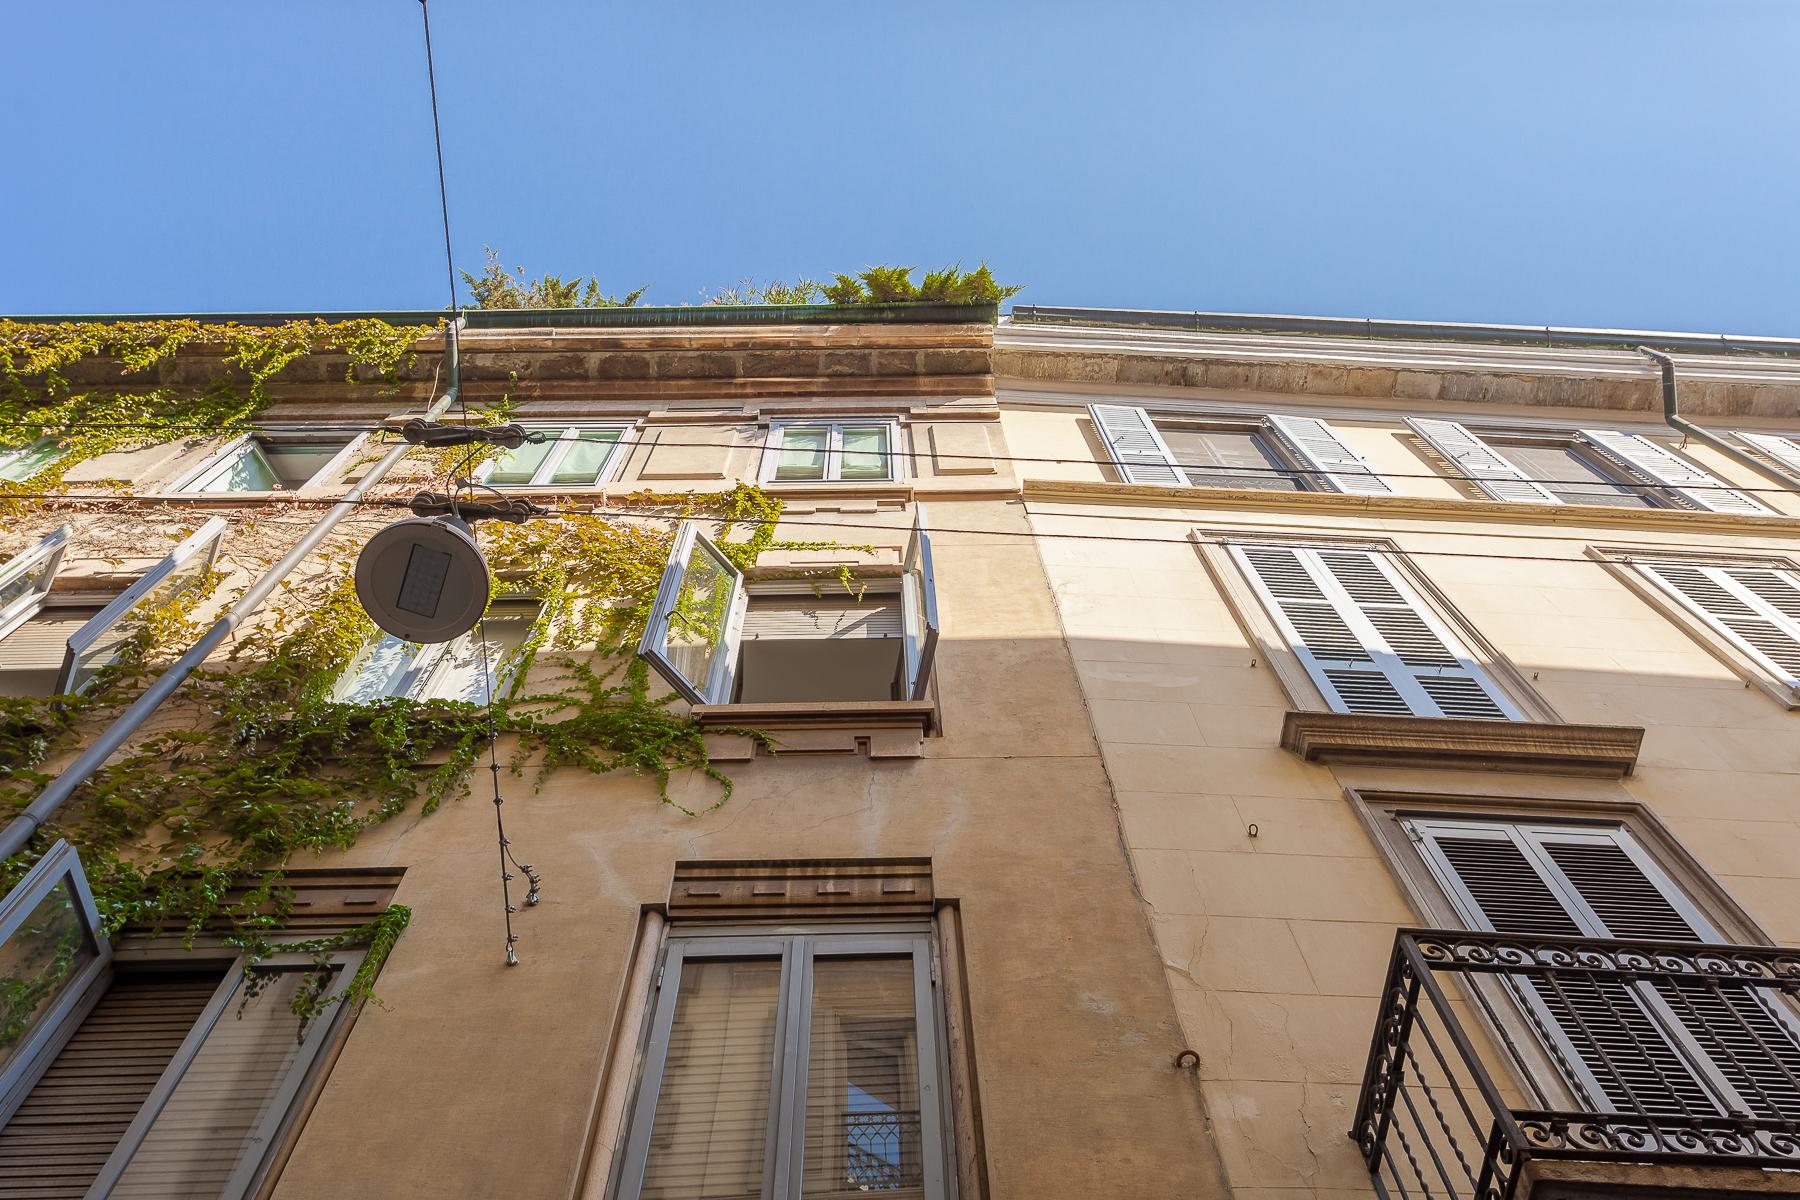 Appartamento in Vendita a Milano 02 Brera / Volta / Repubblica: 5 locali, 300 mq